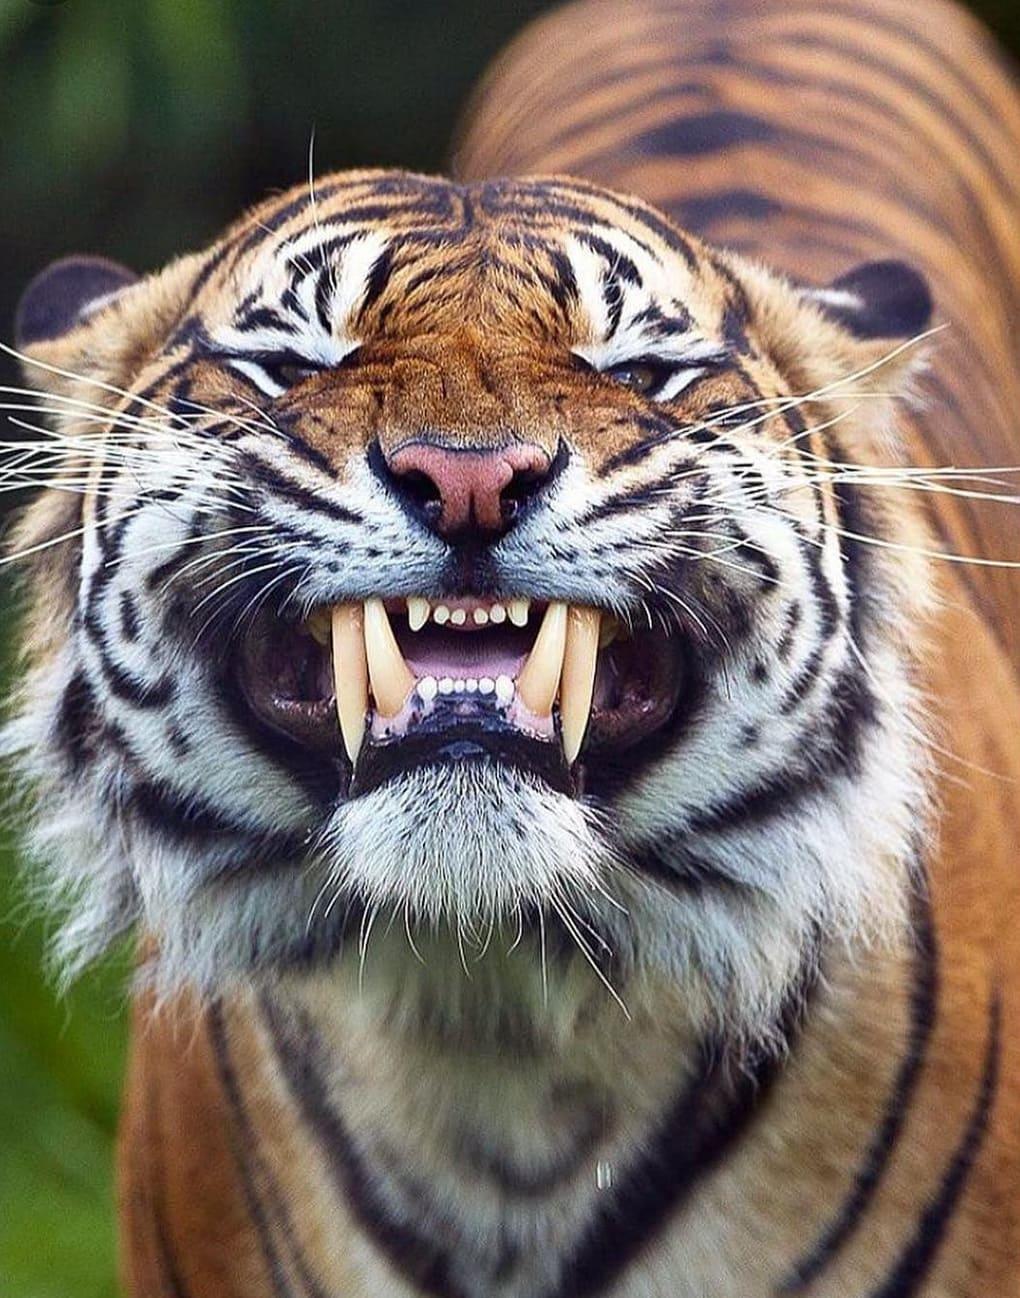 56428398 132966497842685 5784281738875622004 n - 18 фотографий животных, которые на своём примере показывают, что размеры познаются в сравнении